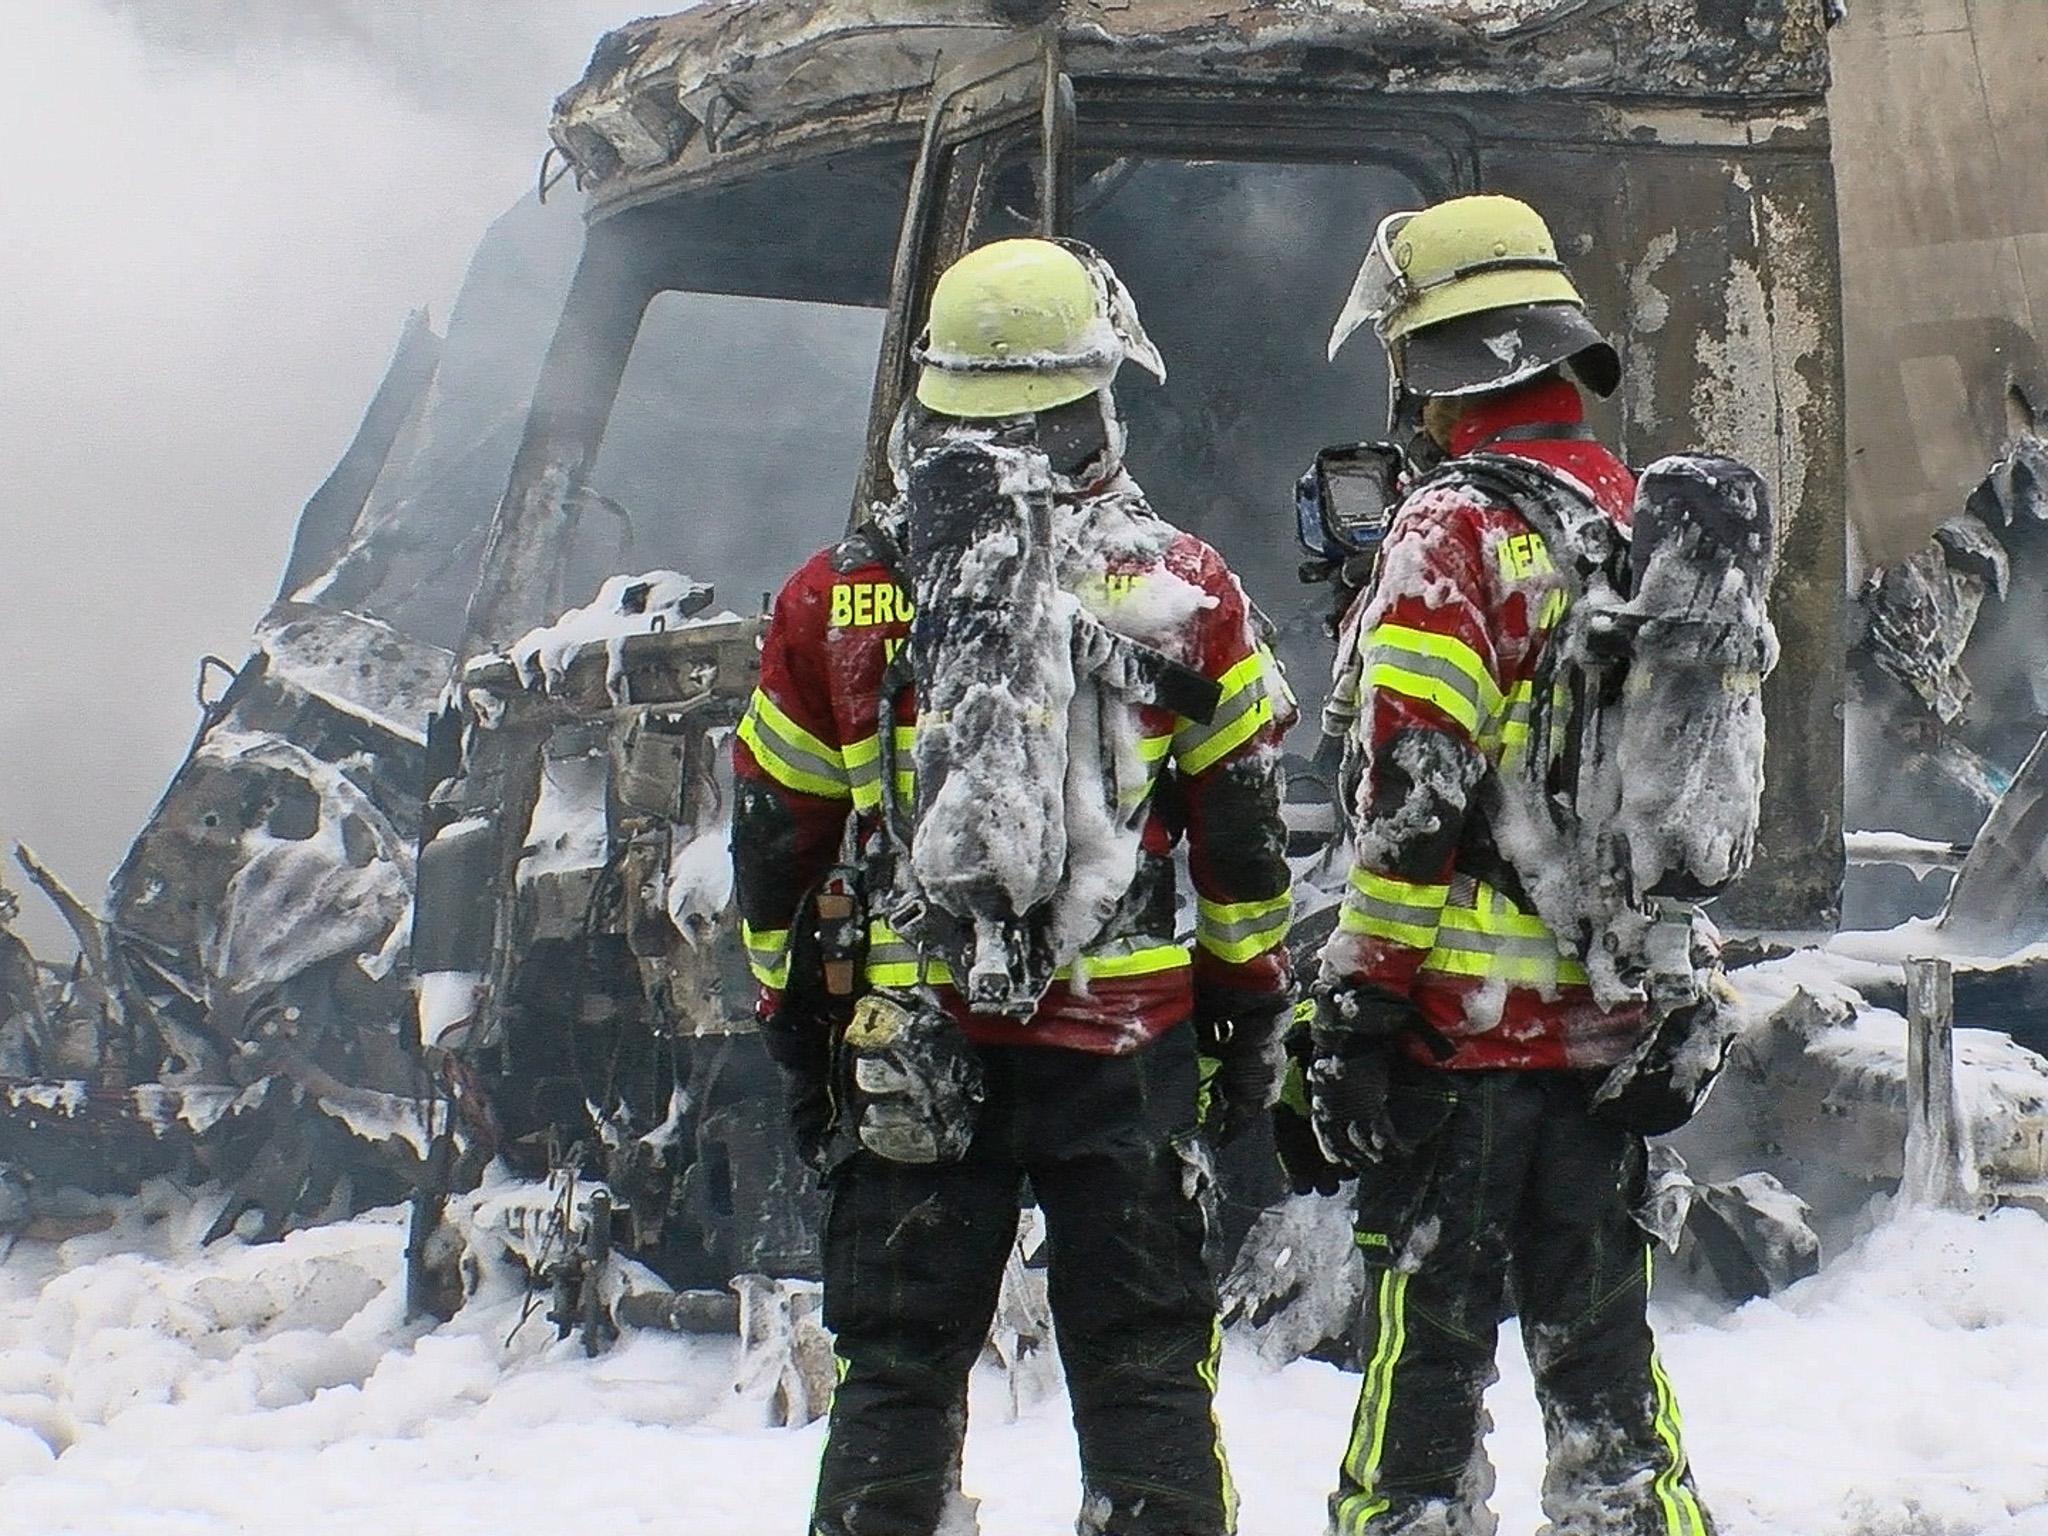 Die drei beteiligten Sattelzüge gingen unmittelbar nach der Kollision in Flammen auf. Foto: Pascal Höfig